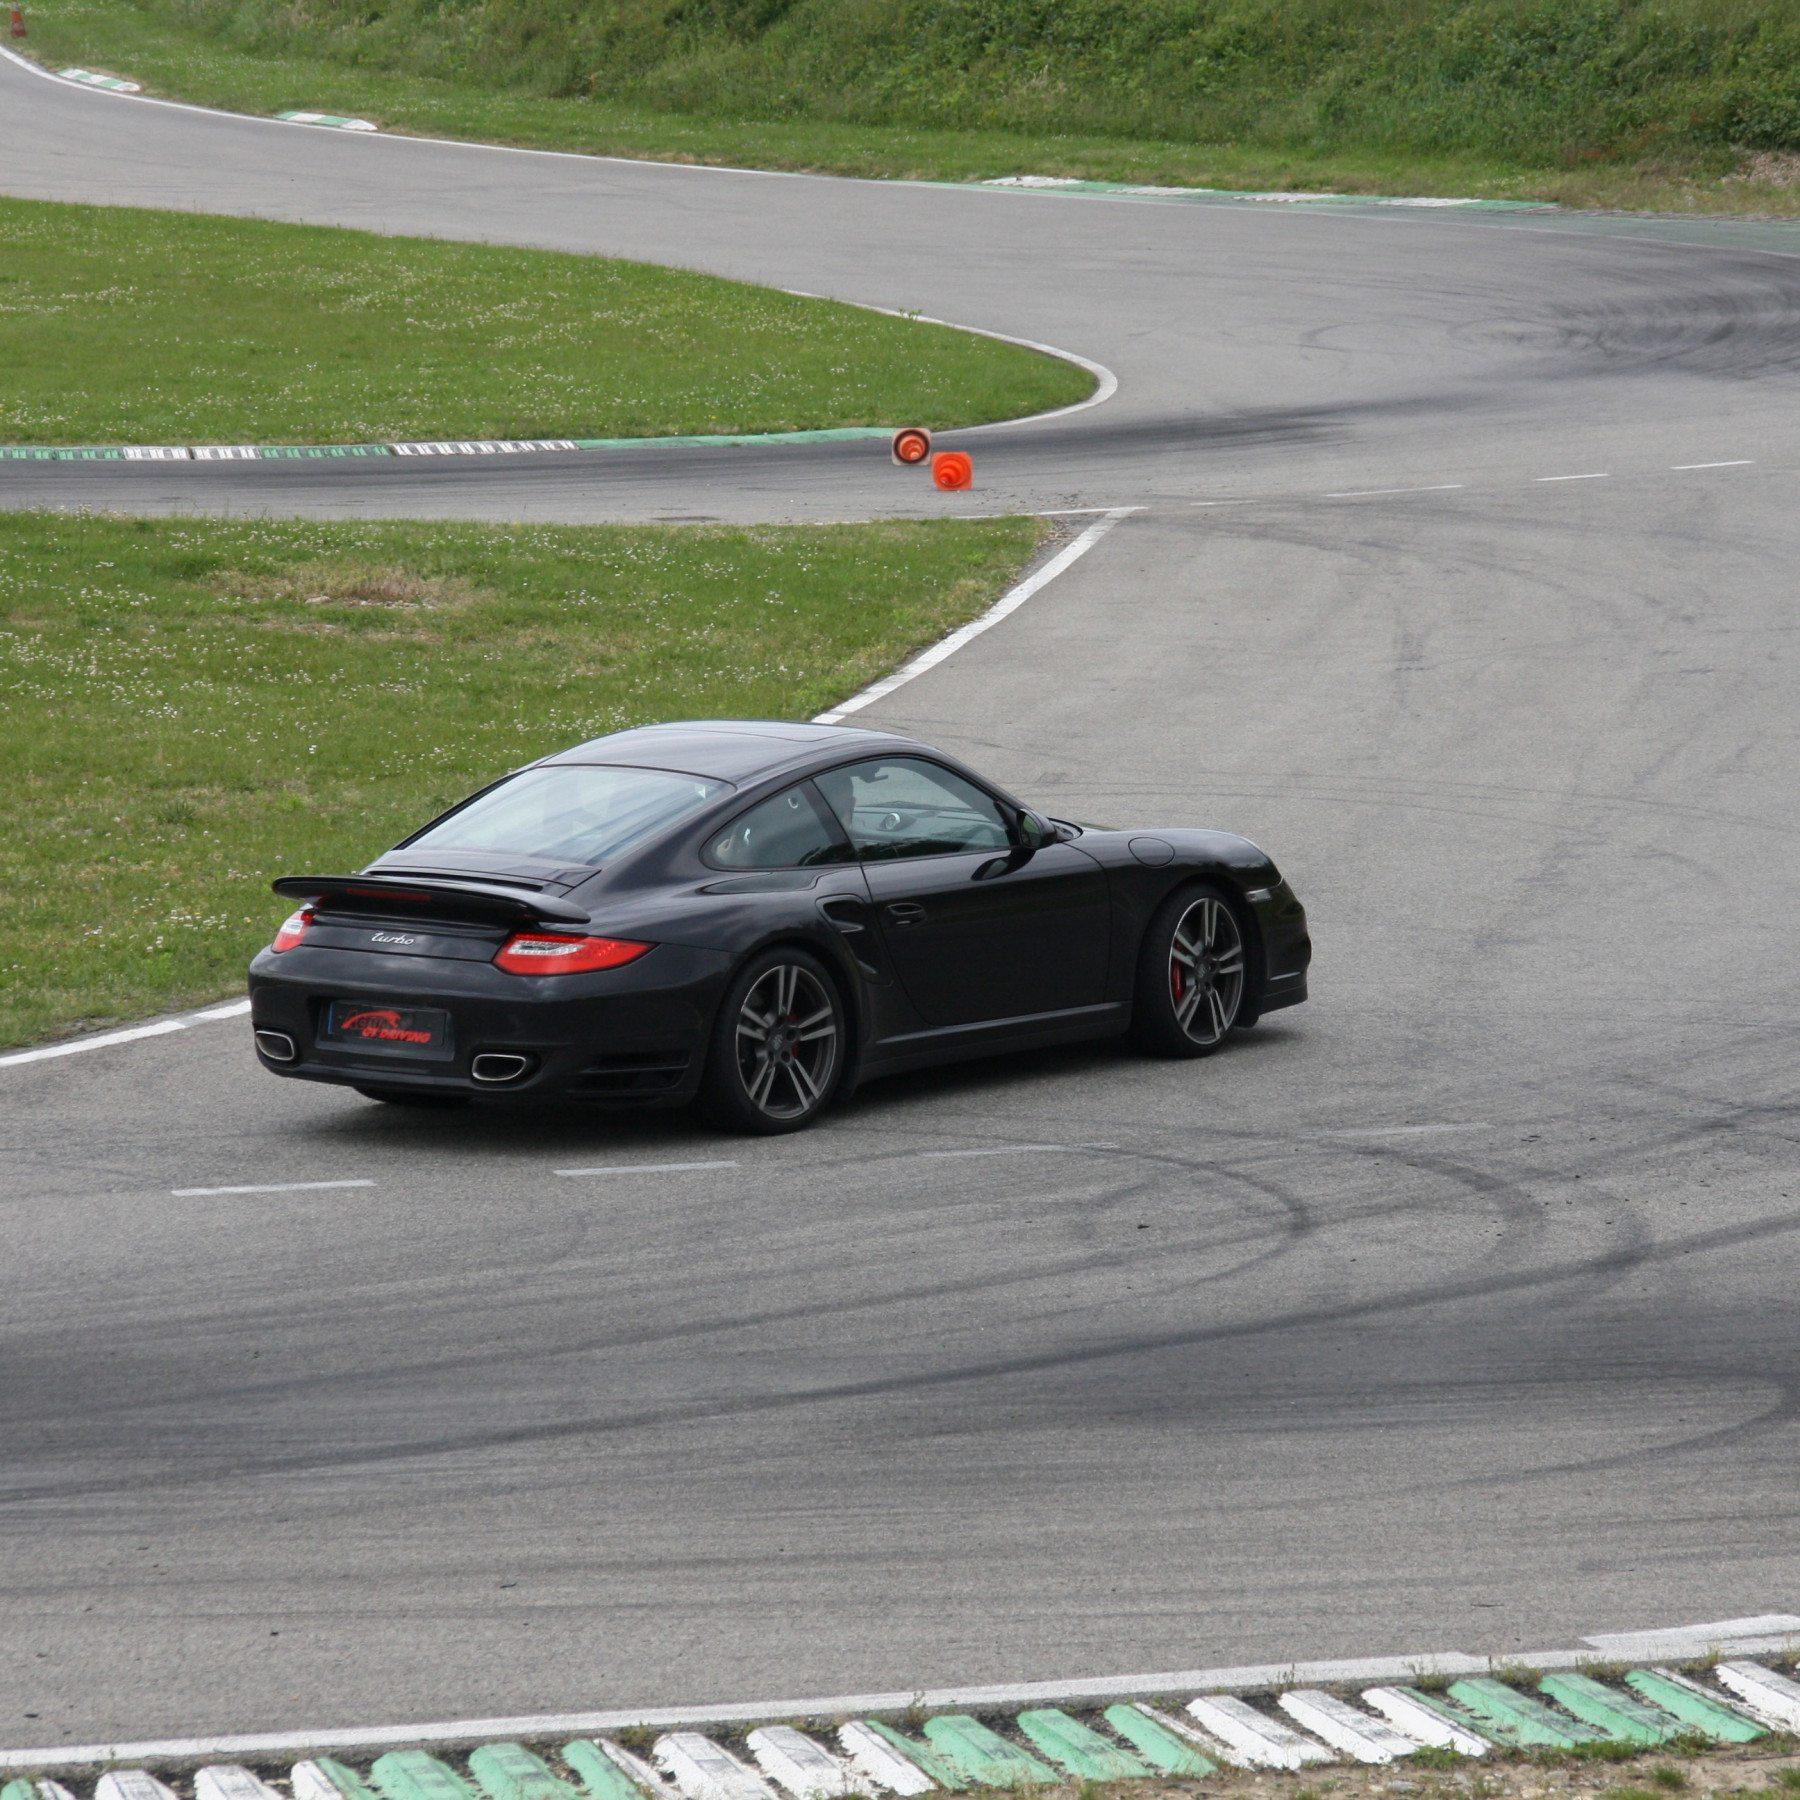 Guida una Porsche 997 BiTurbo da 149 € - Adria